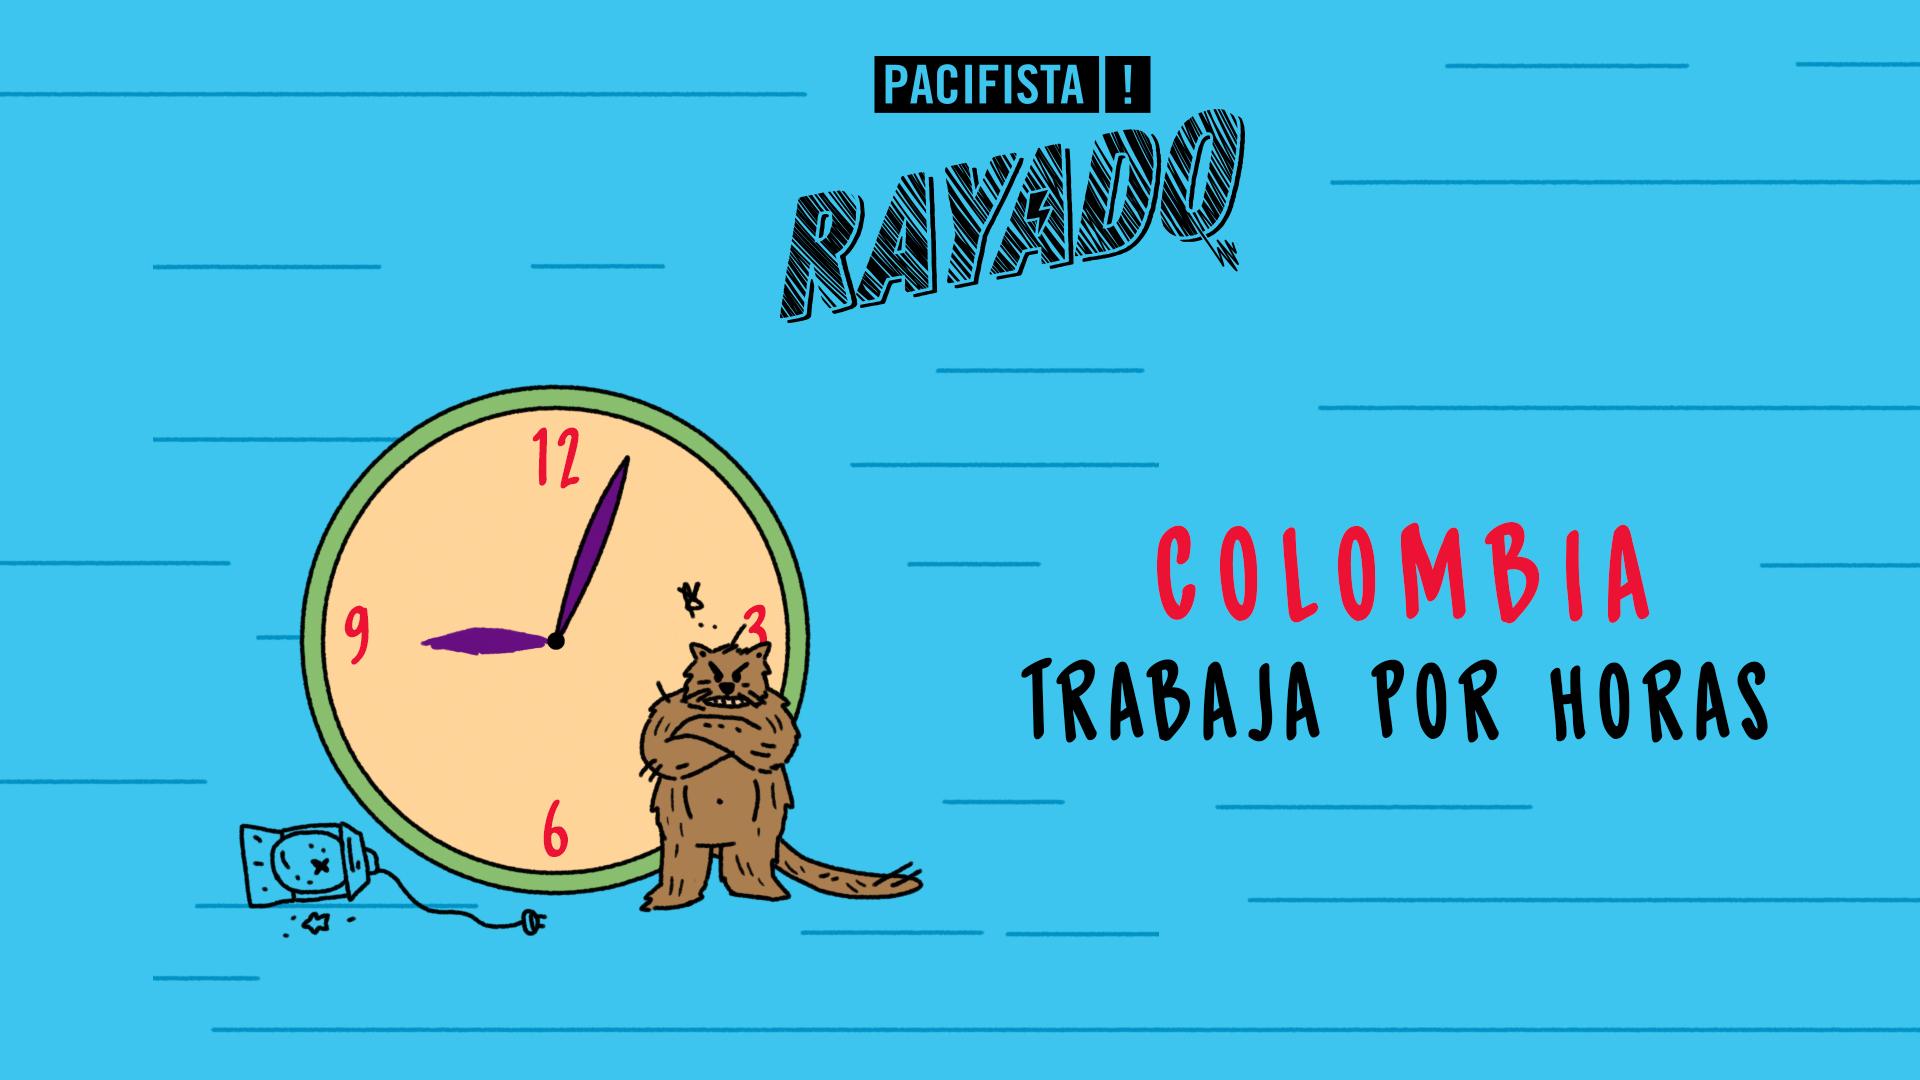 Pacifista Rayado: Colombia trabaja por horas